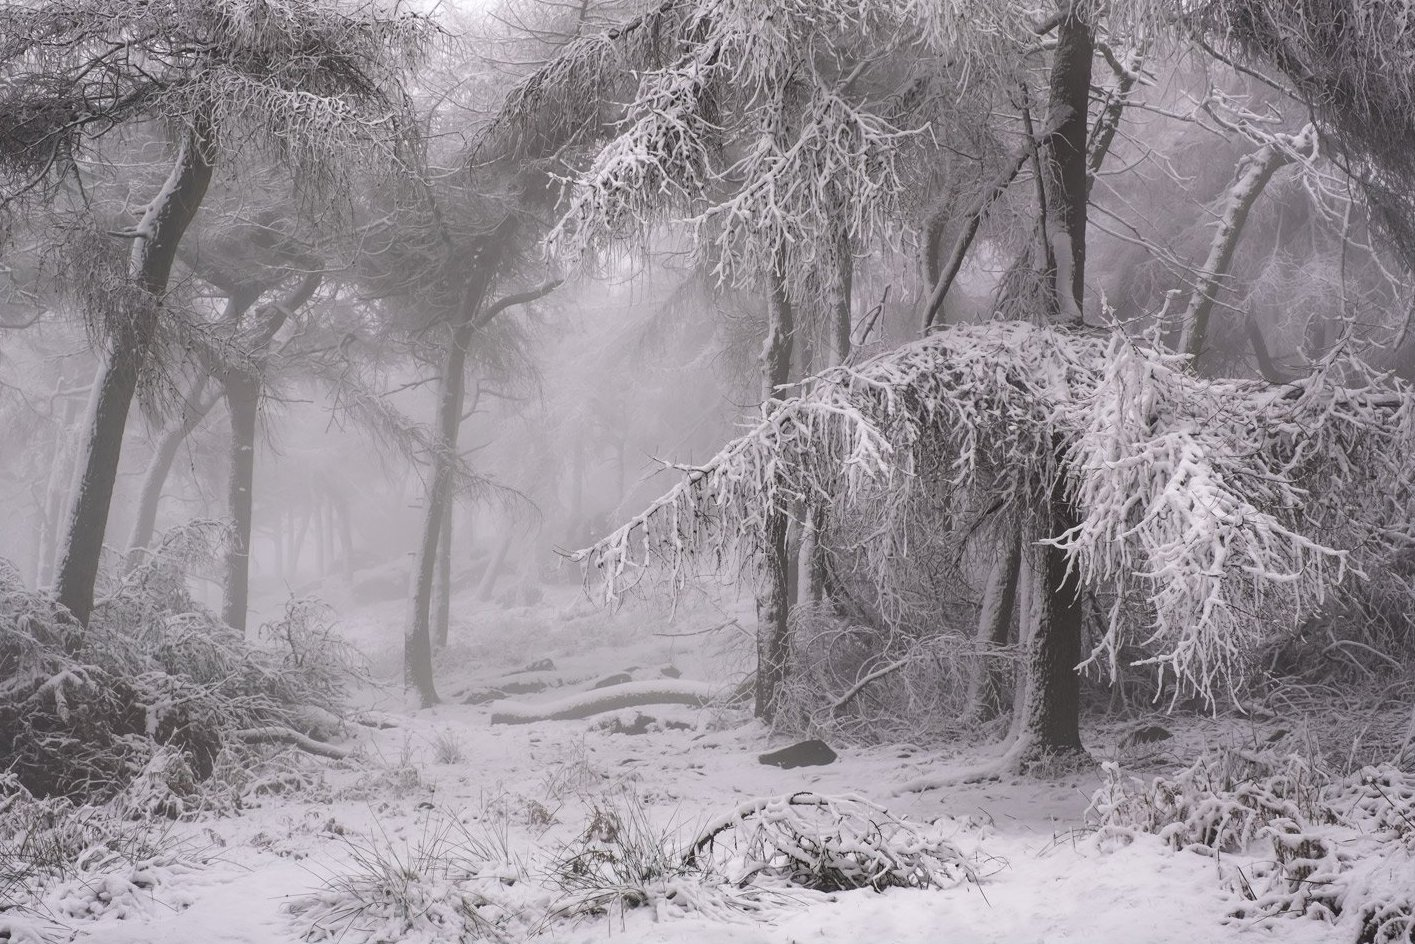 Winter Wonderland - Dave Fieldhouse